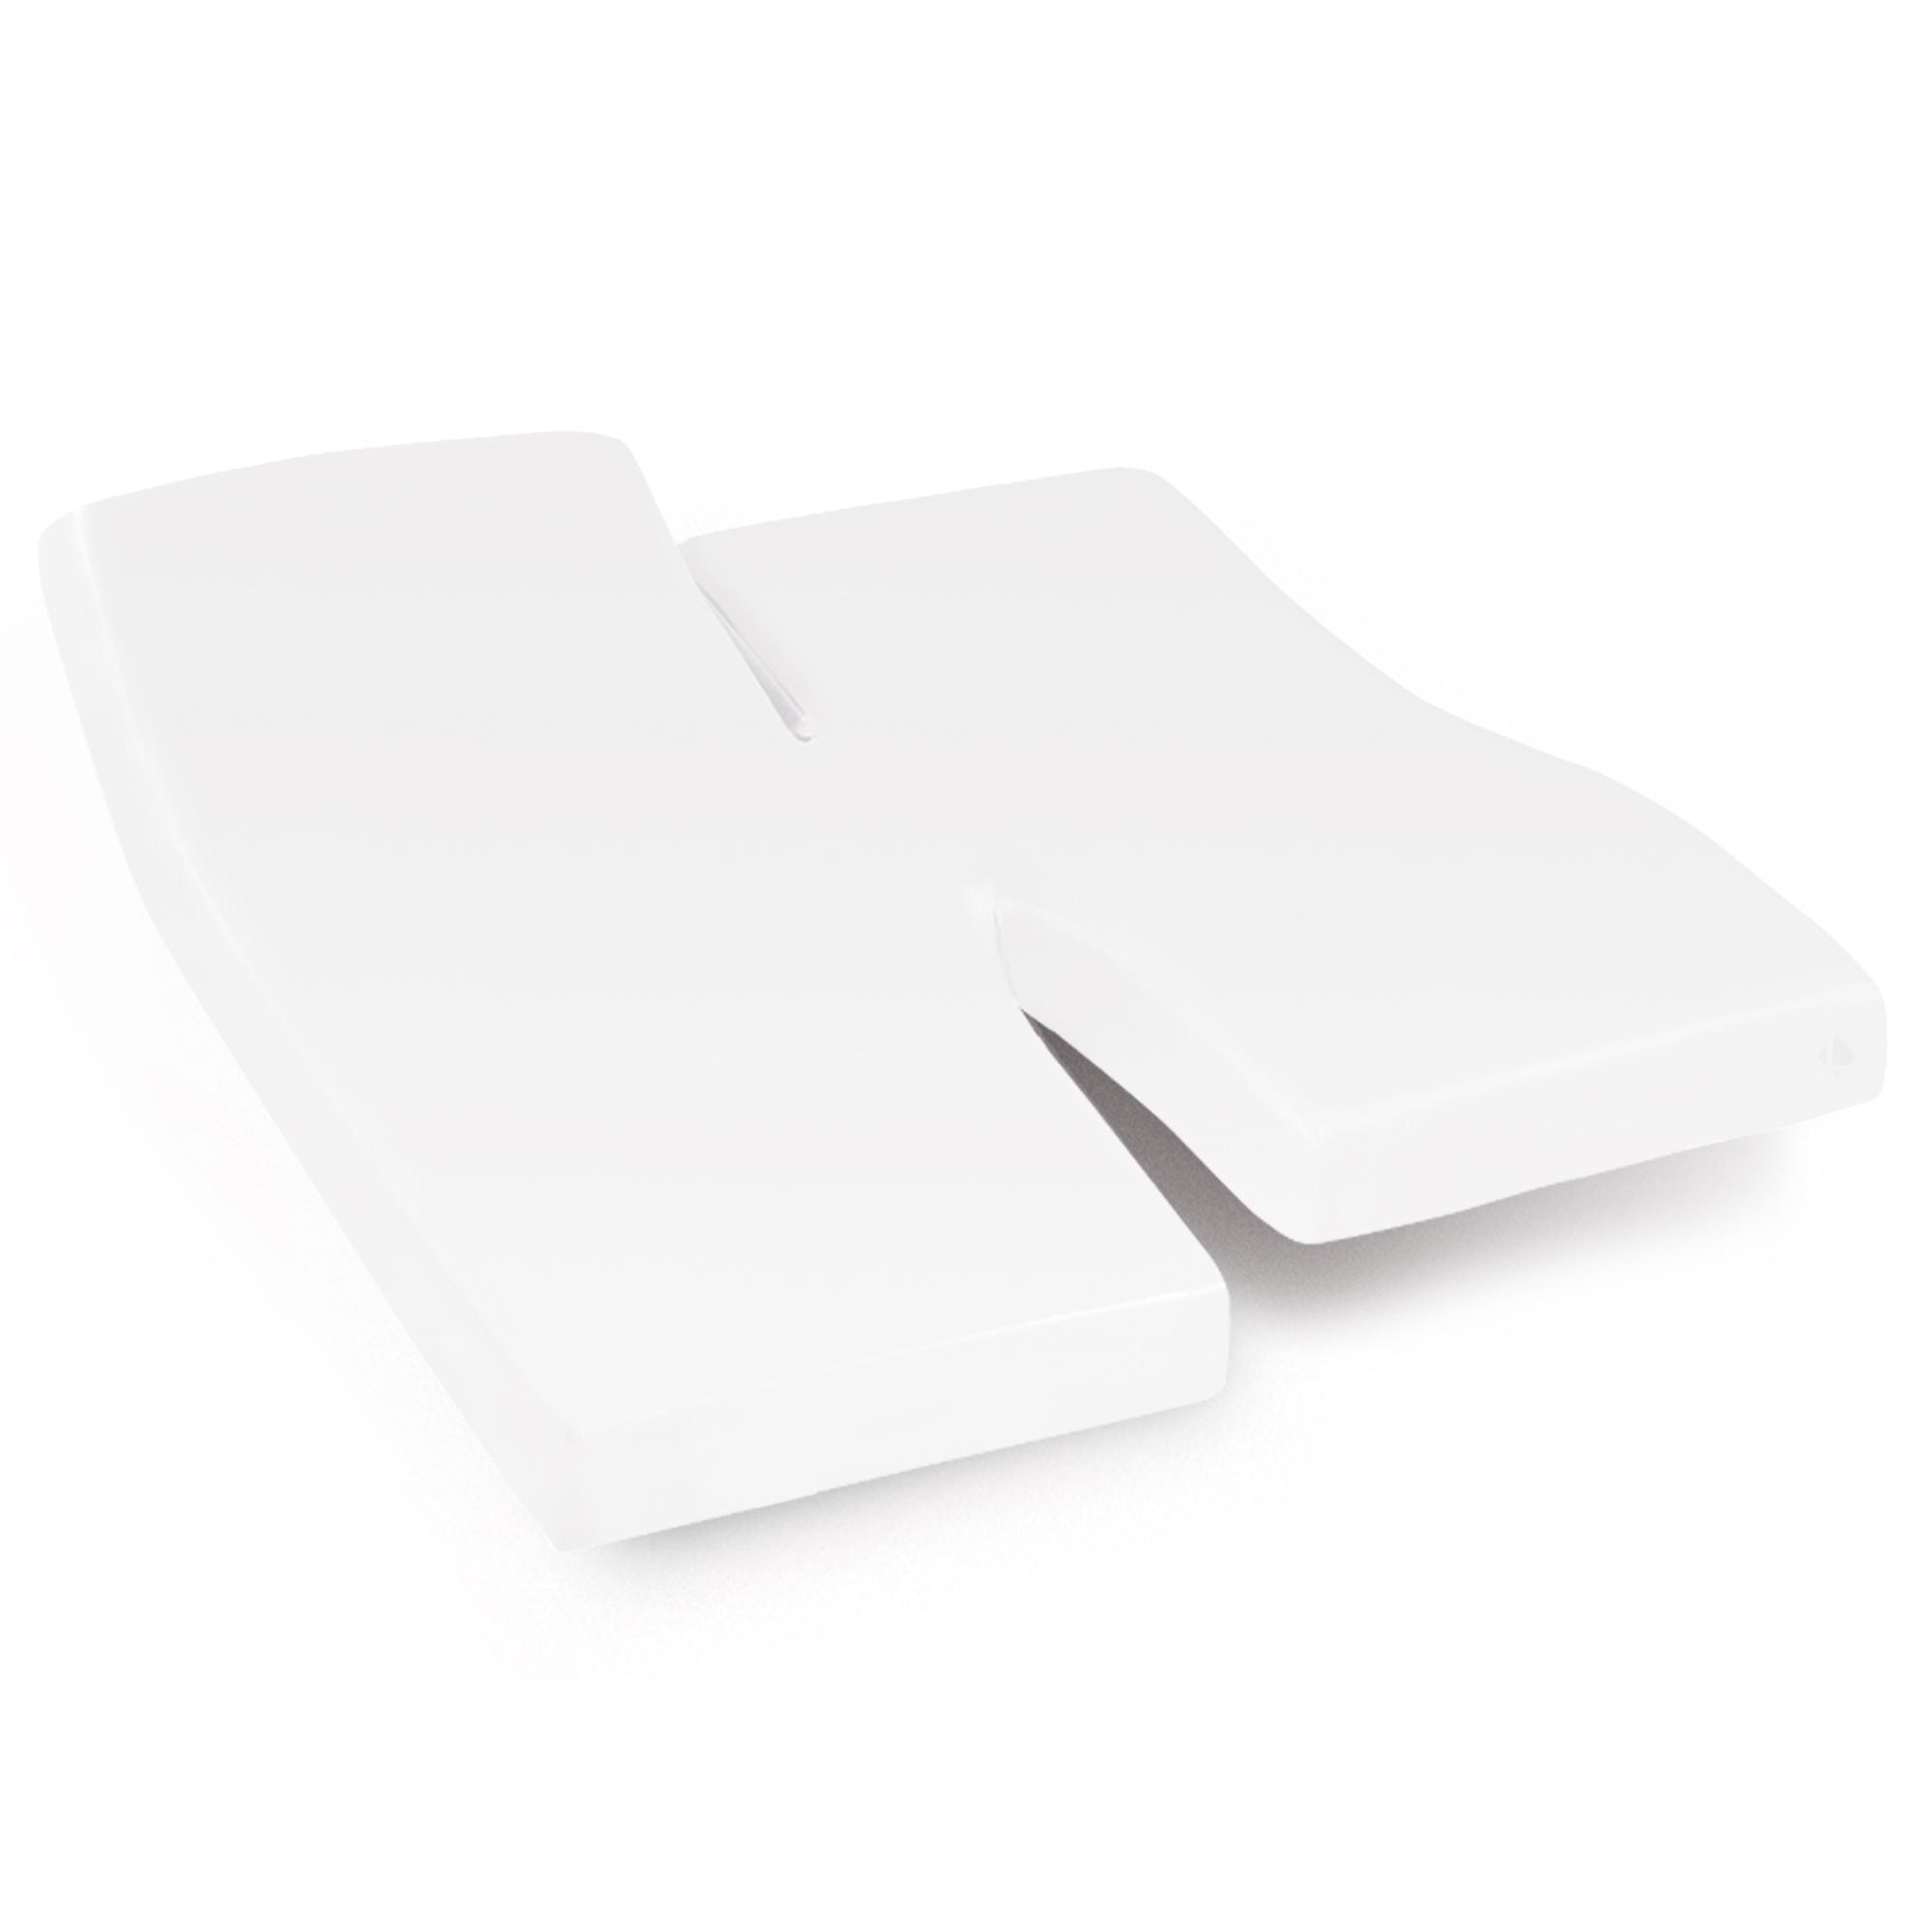 prot ge matelas imperm able 2x70x210 cm lit articul tpr bonnet 23cm arnon molleton 100 coton. Black Bedroom Furniture Sets. Home Design Ideas